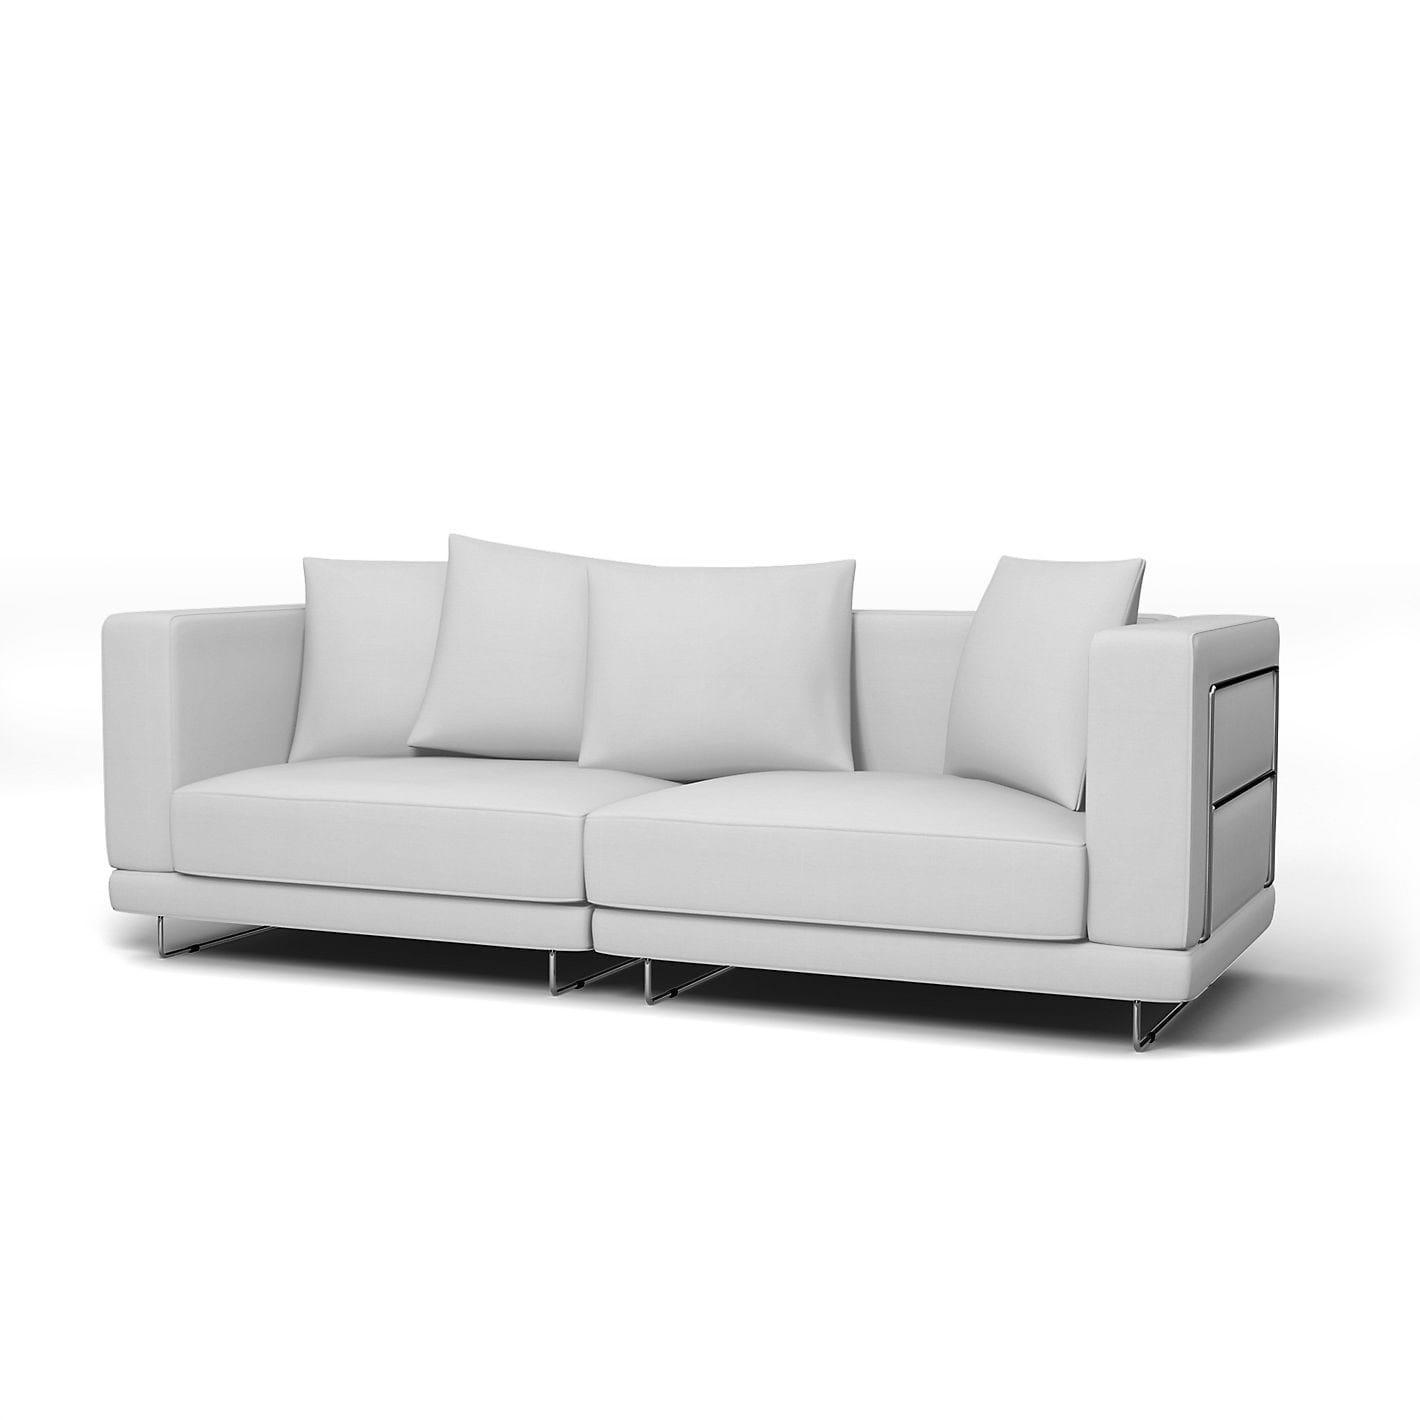 Fine Sofabezuge Fur Ikea Couches Bemz Uwap Interior Chair Design Uwaporg